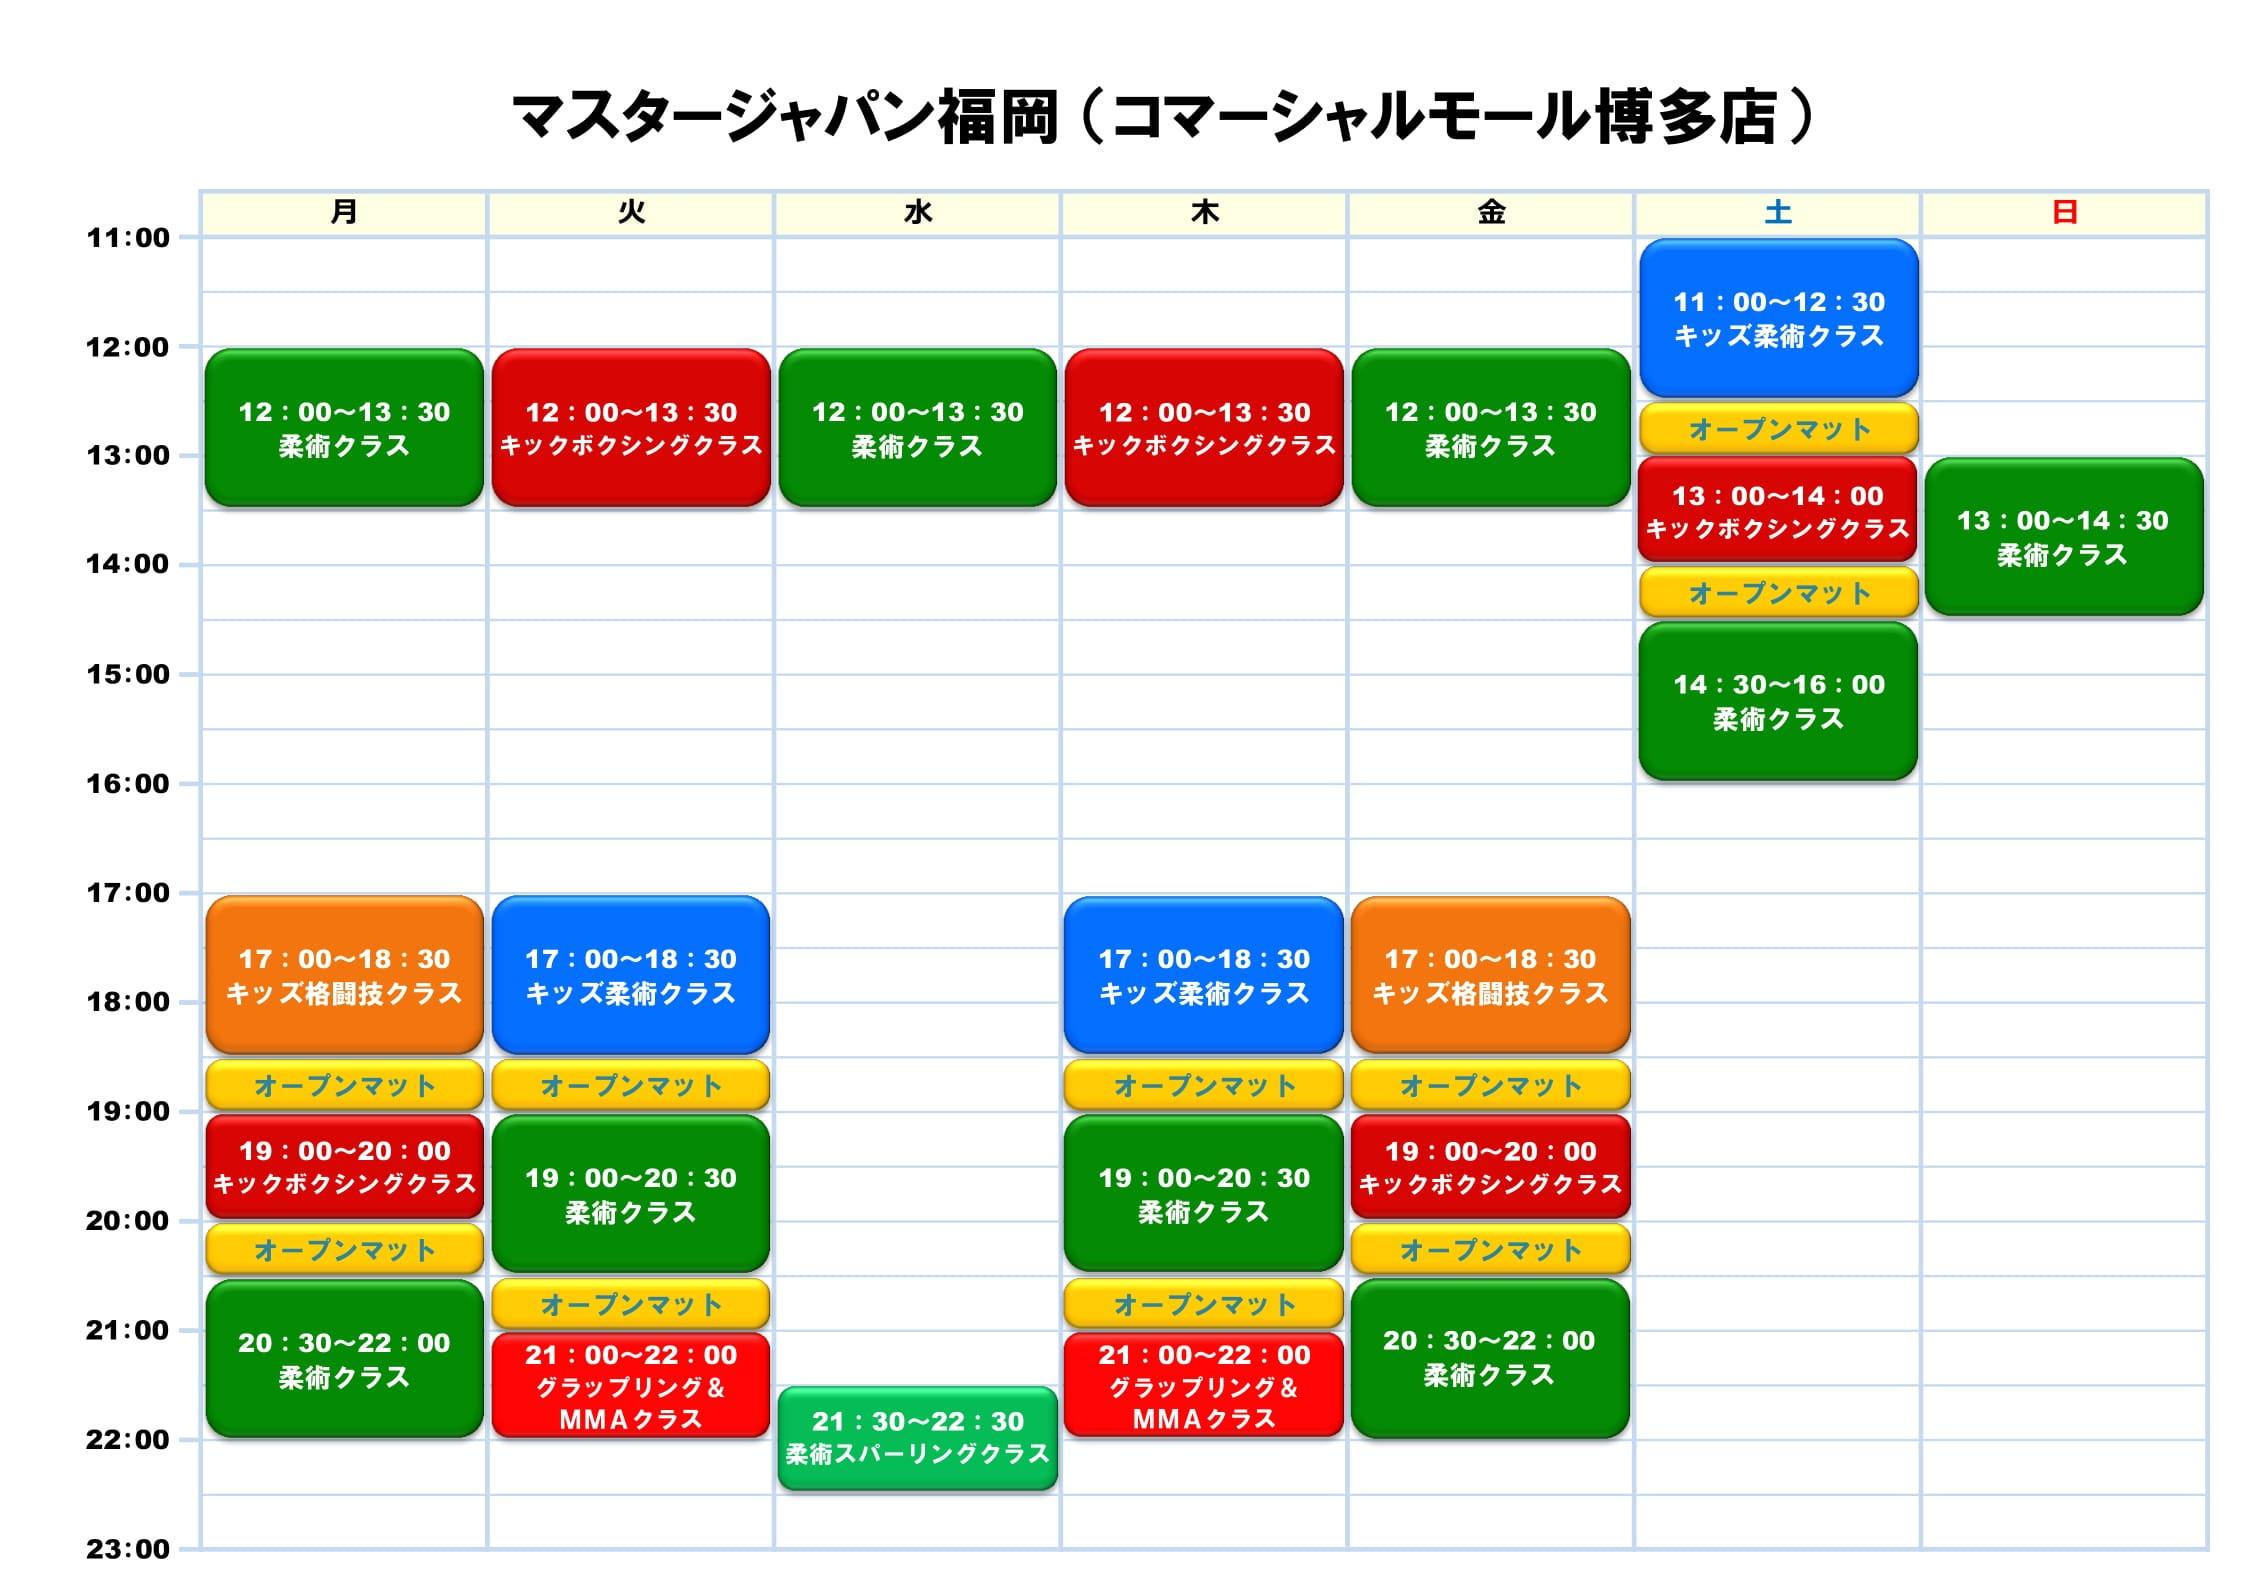 マスタージャパン福岡 スケジュール表